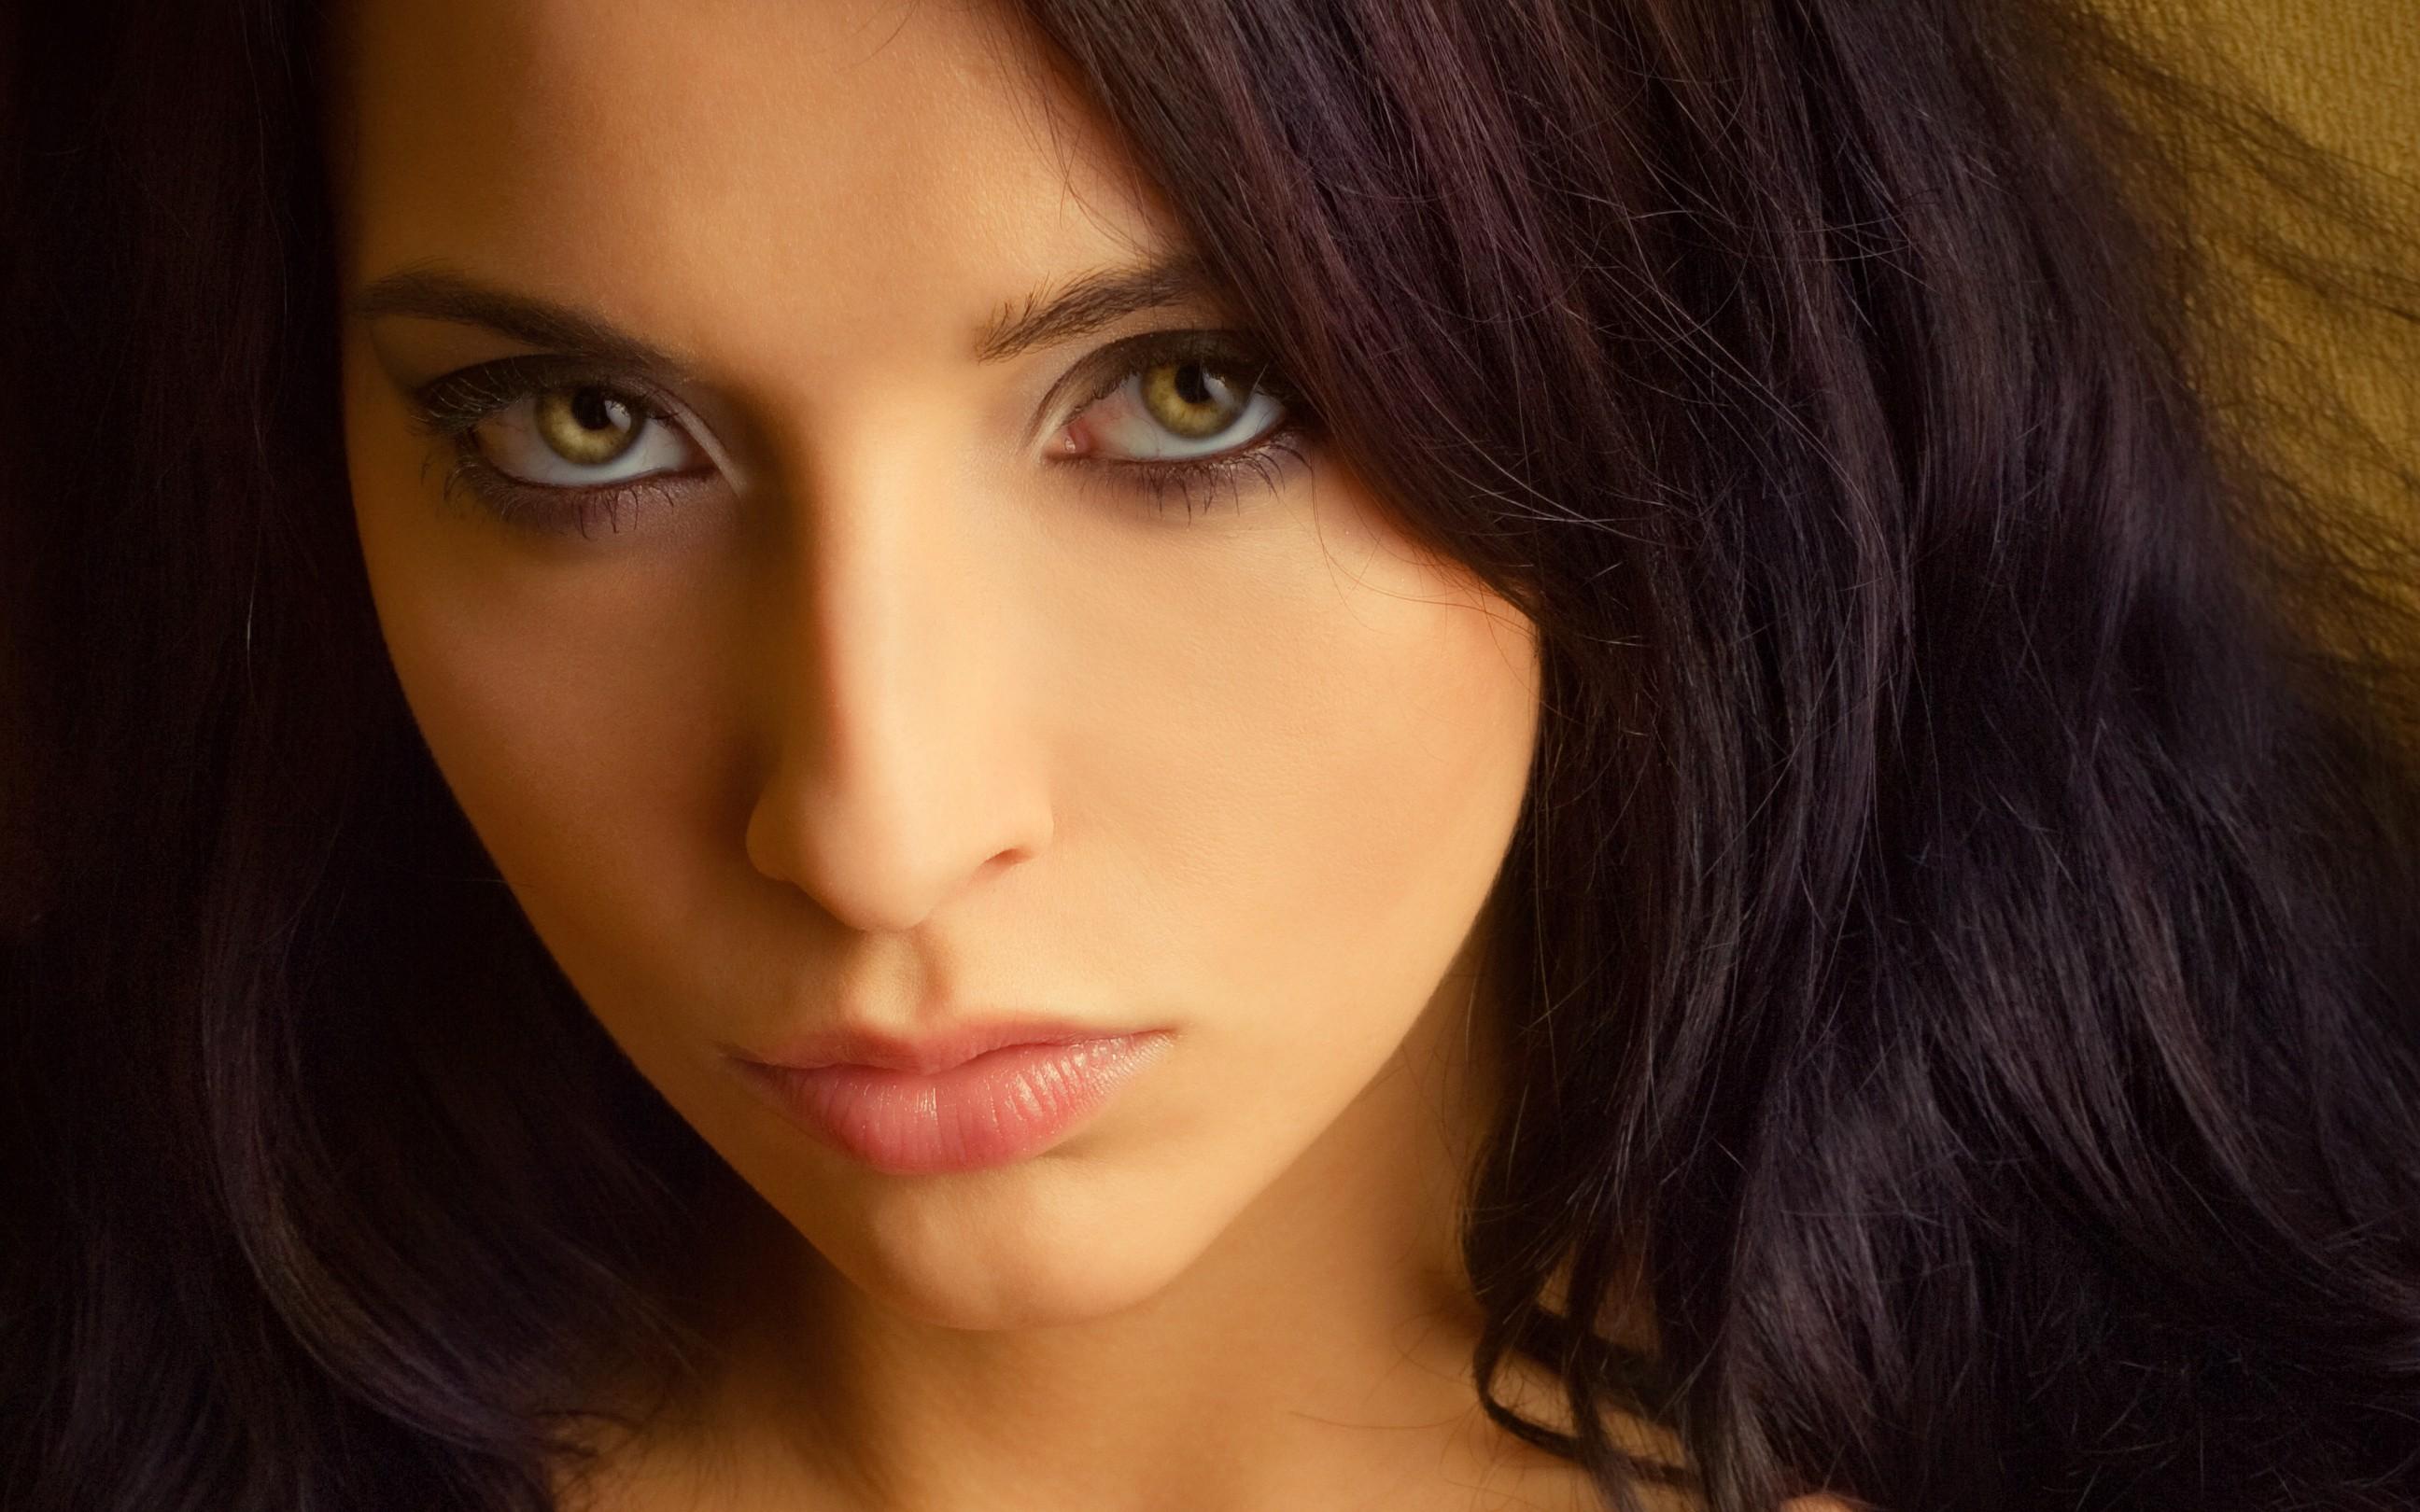 Ojos verdes - 2592x1620